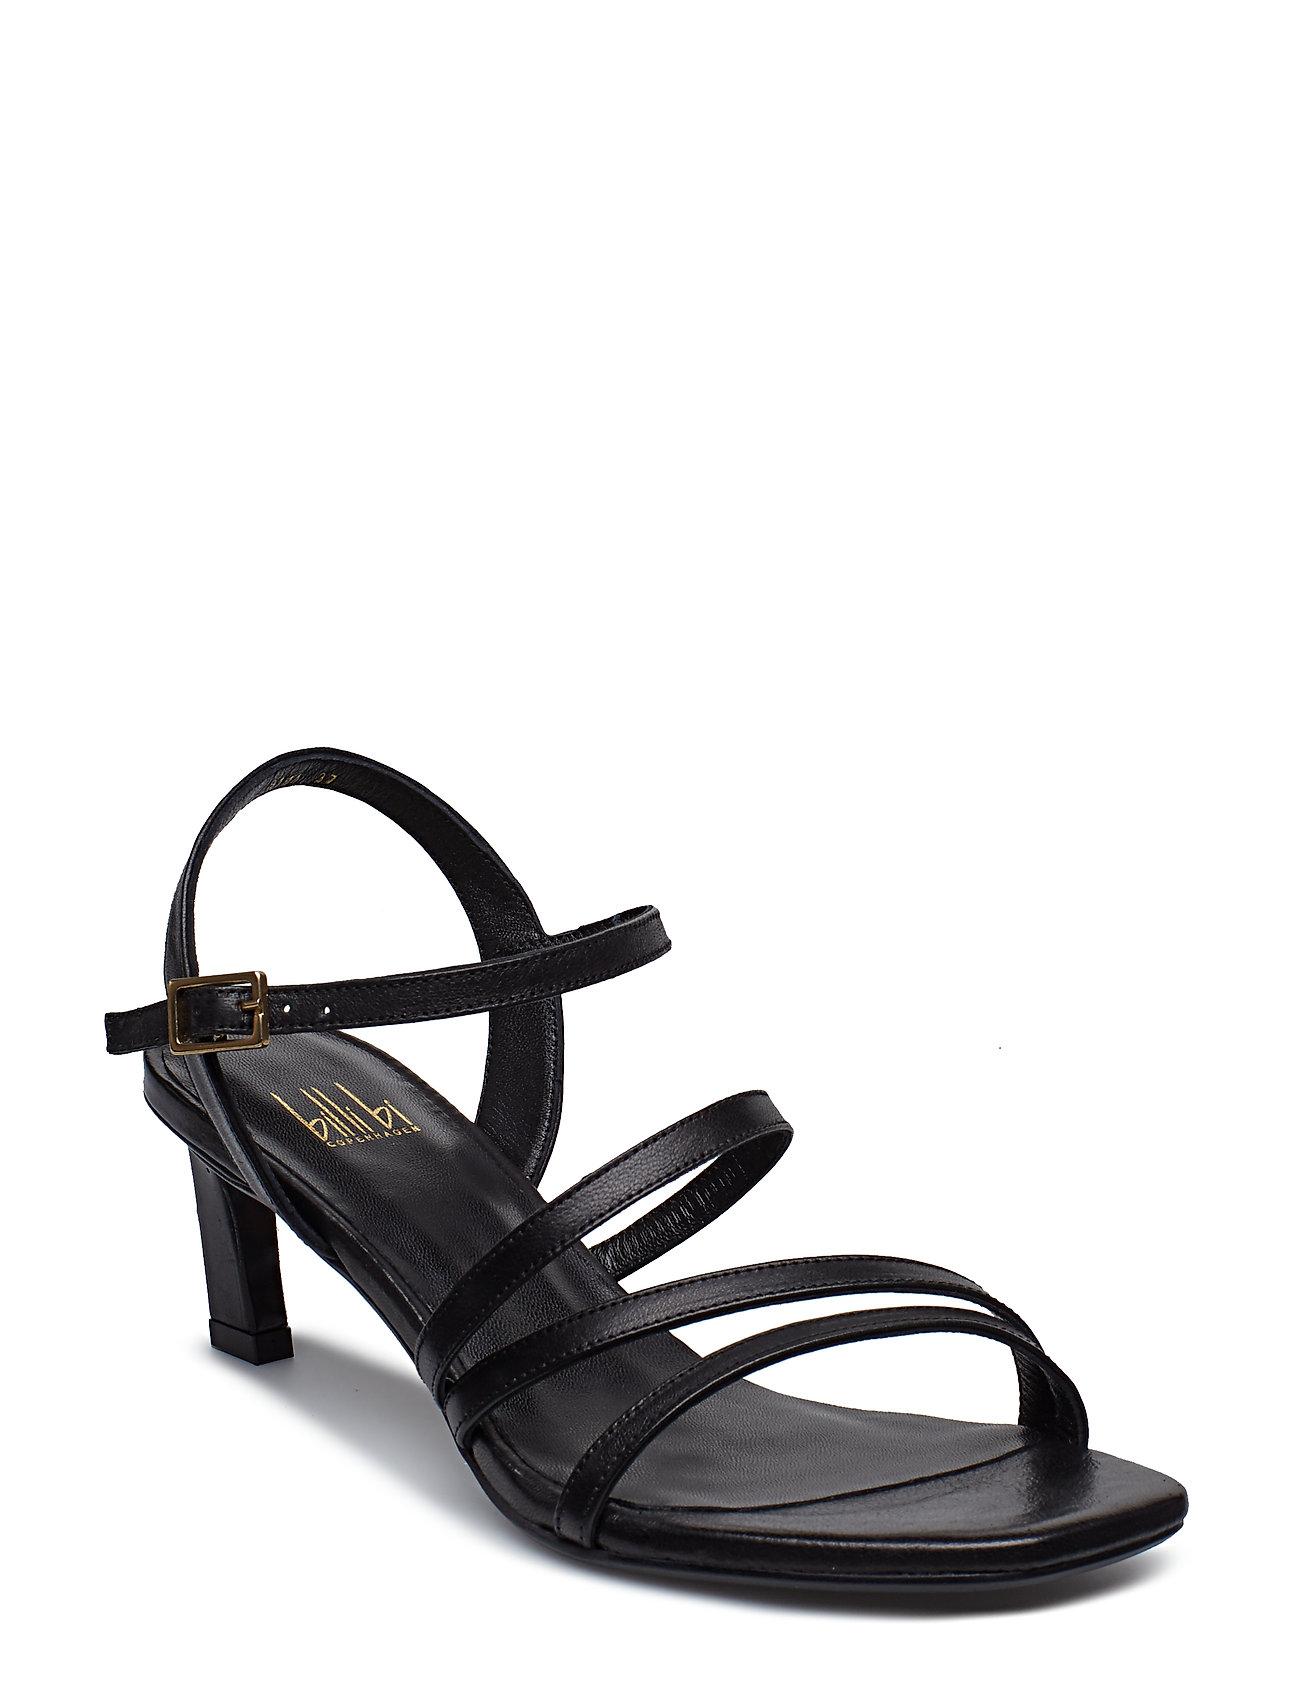 Sandals 8141 Sandal Med Hæl Sort BILLI BI